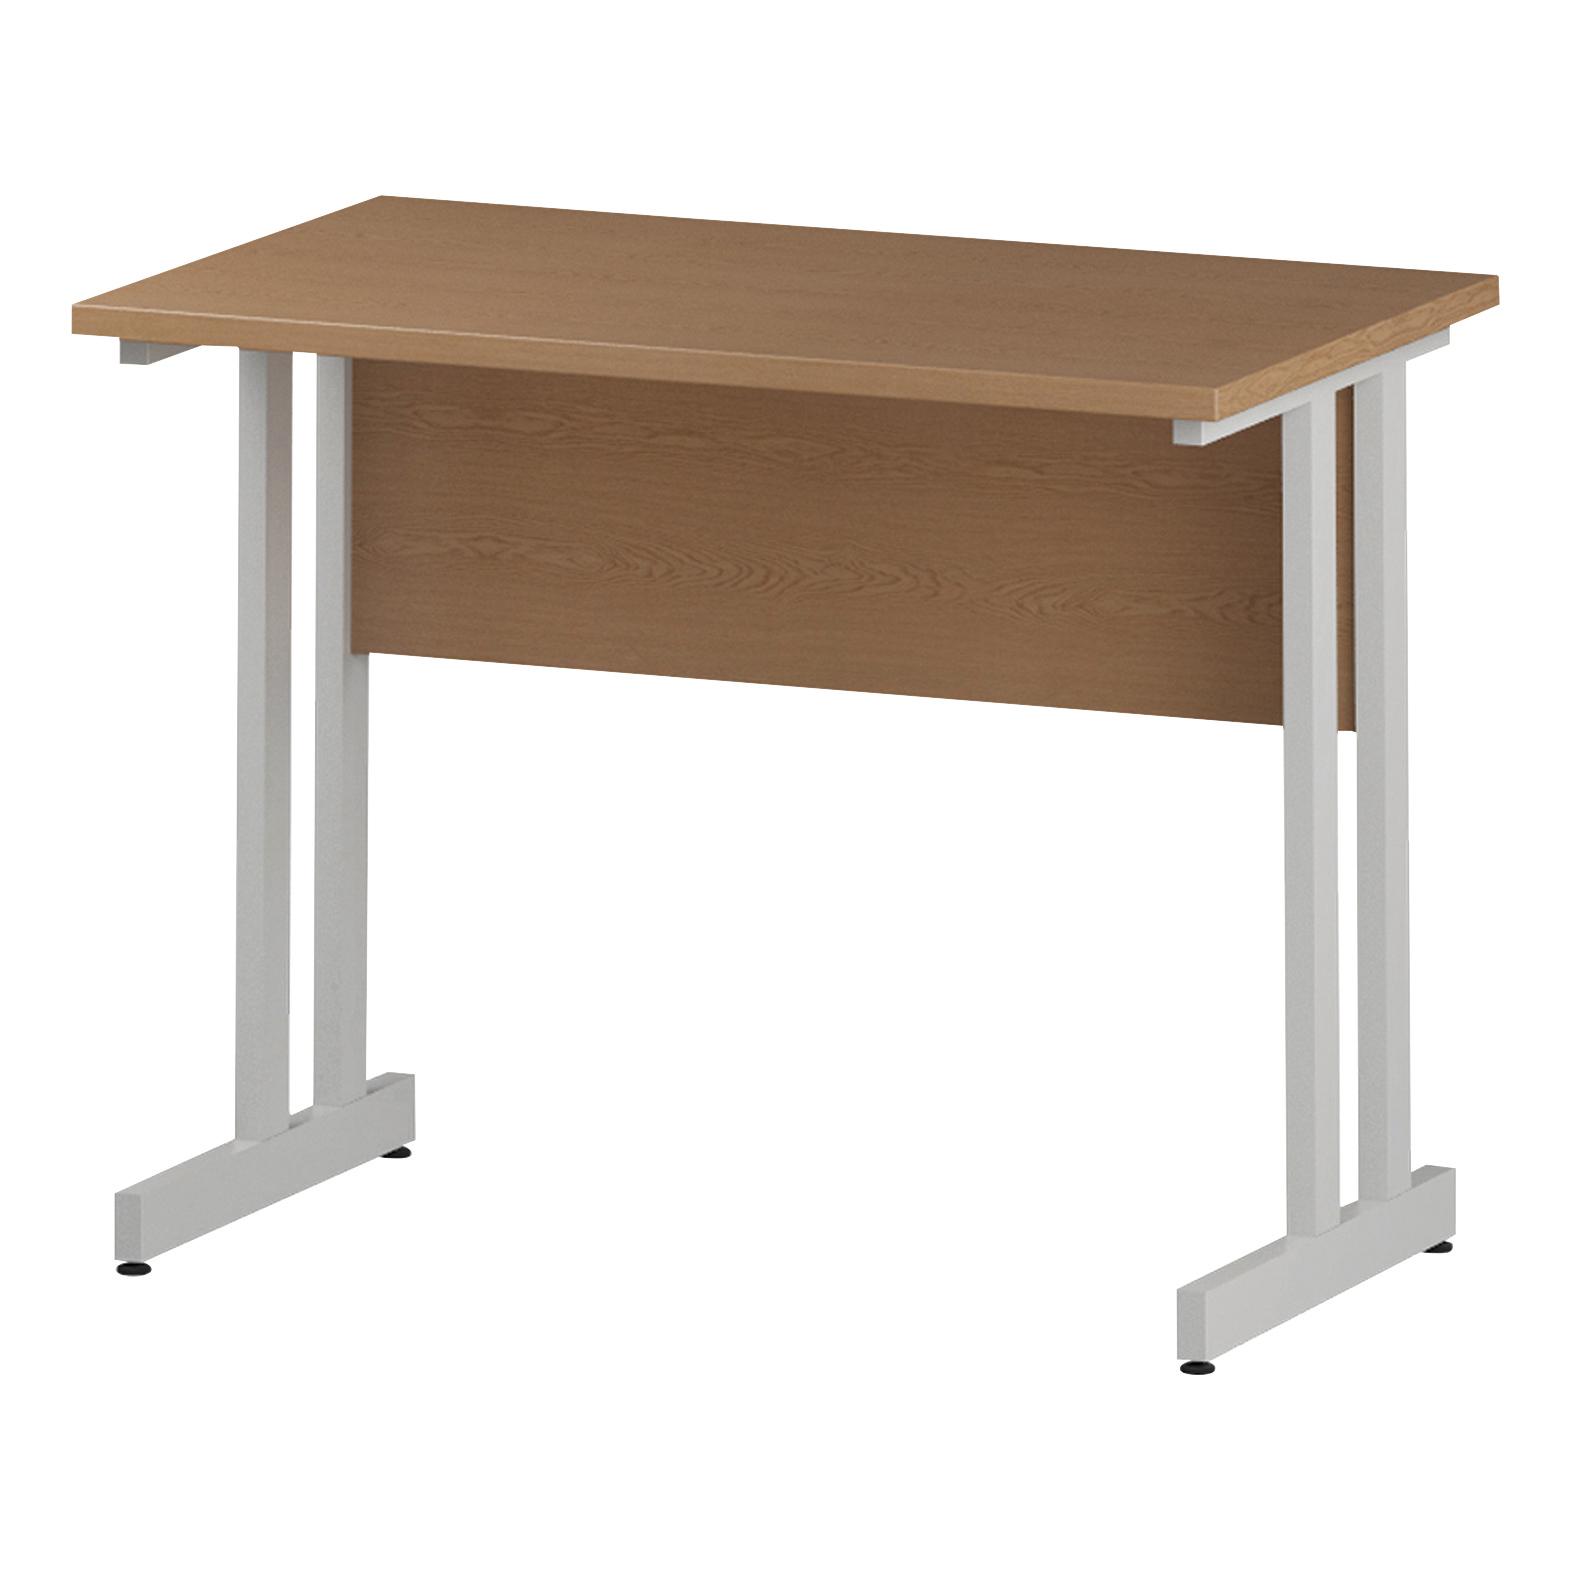 Trexus Rectangular Slim Desk White Cantilever Leg 1000x600mm Oak Ref I002652